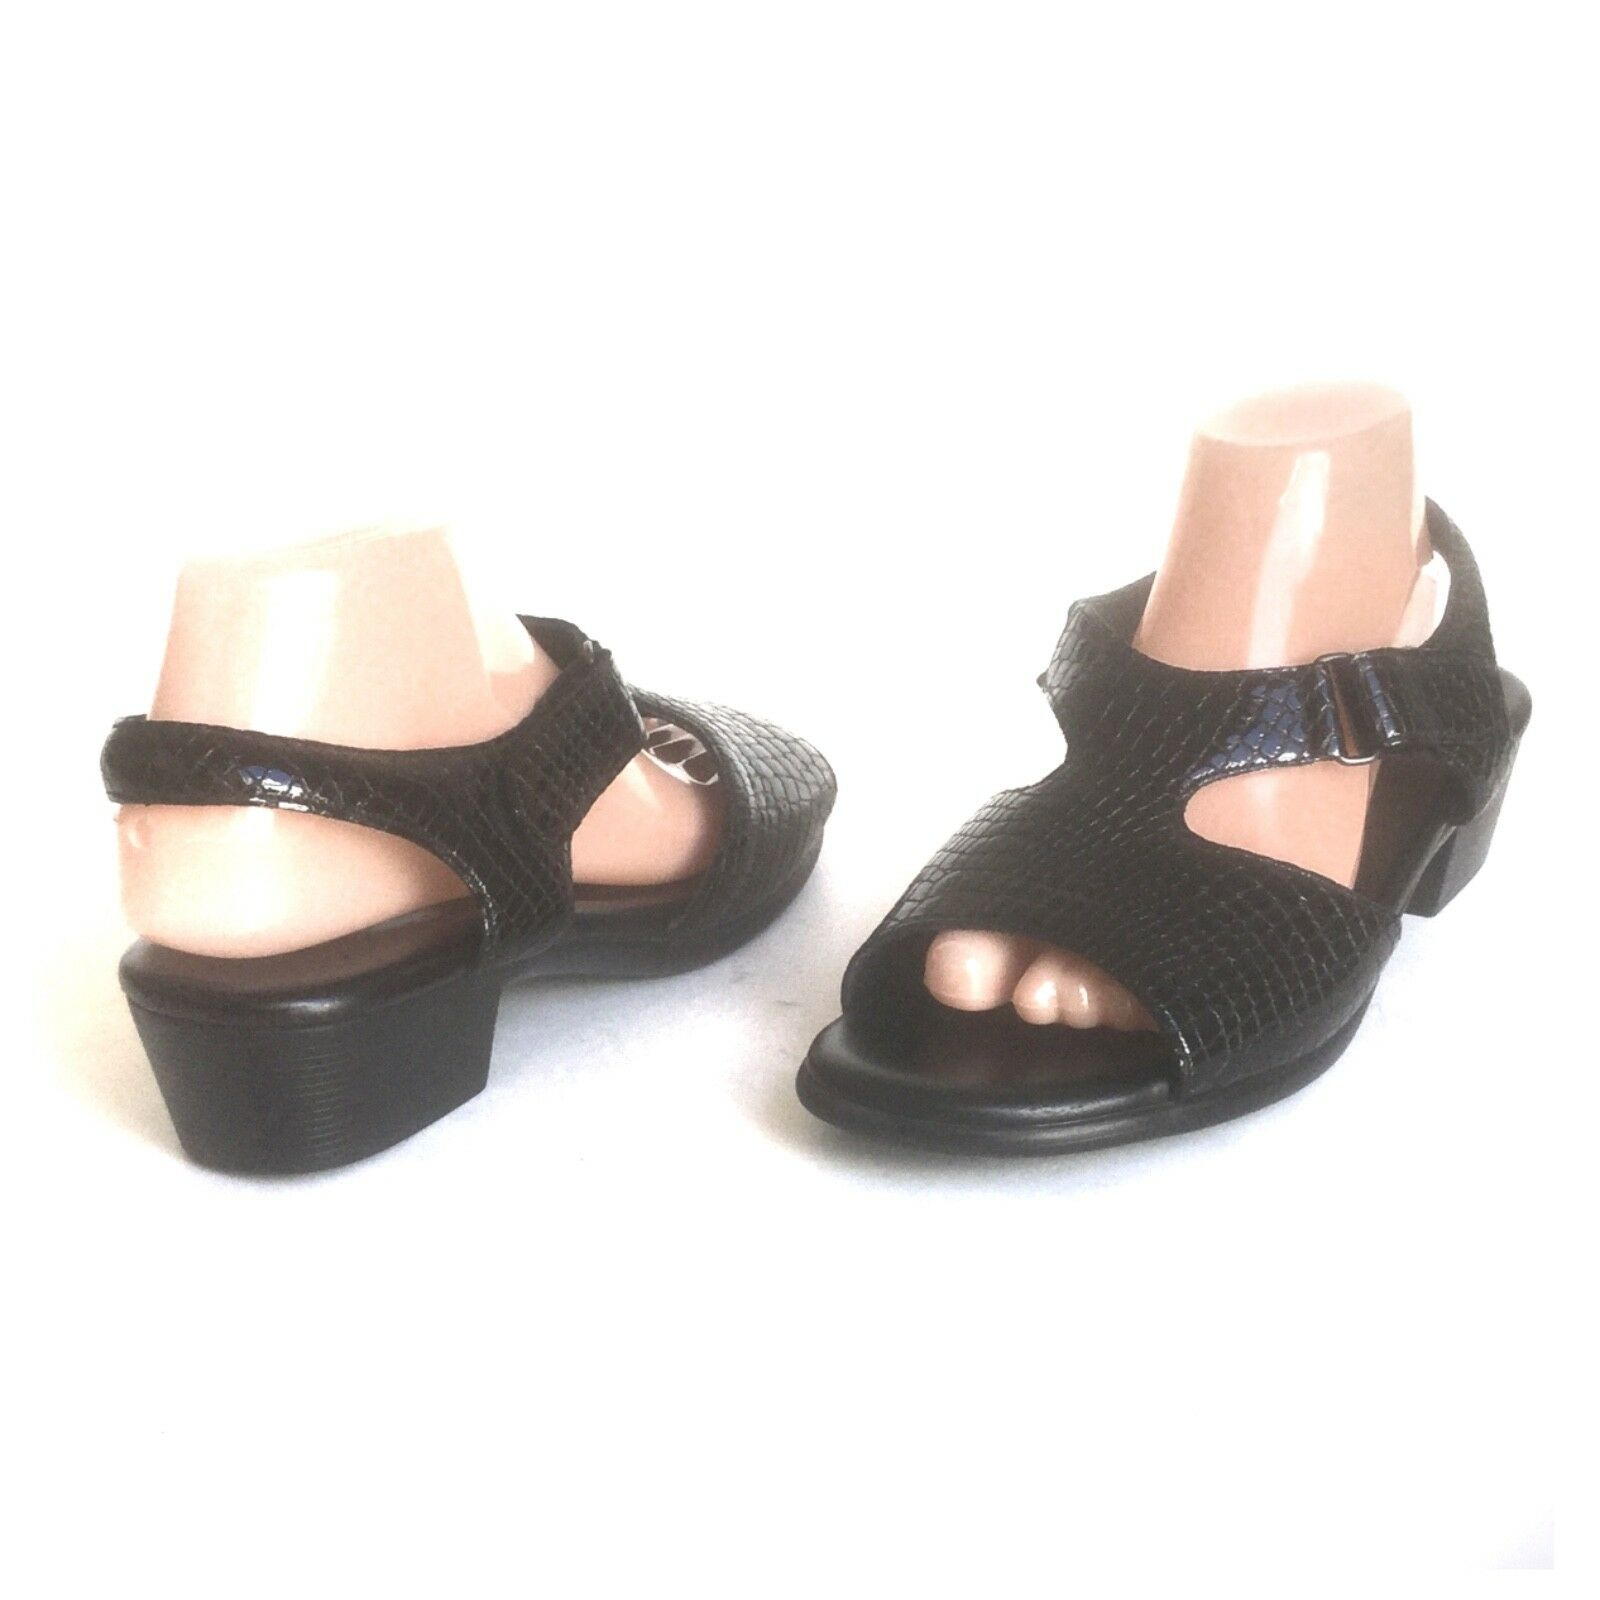 Servicio Aéreo Especial suntimer Sandalia Negro Patente Cuero Estampado de Cocodrilo zapato charol para mujer 9.5